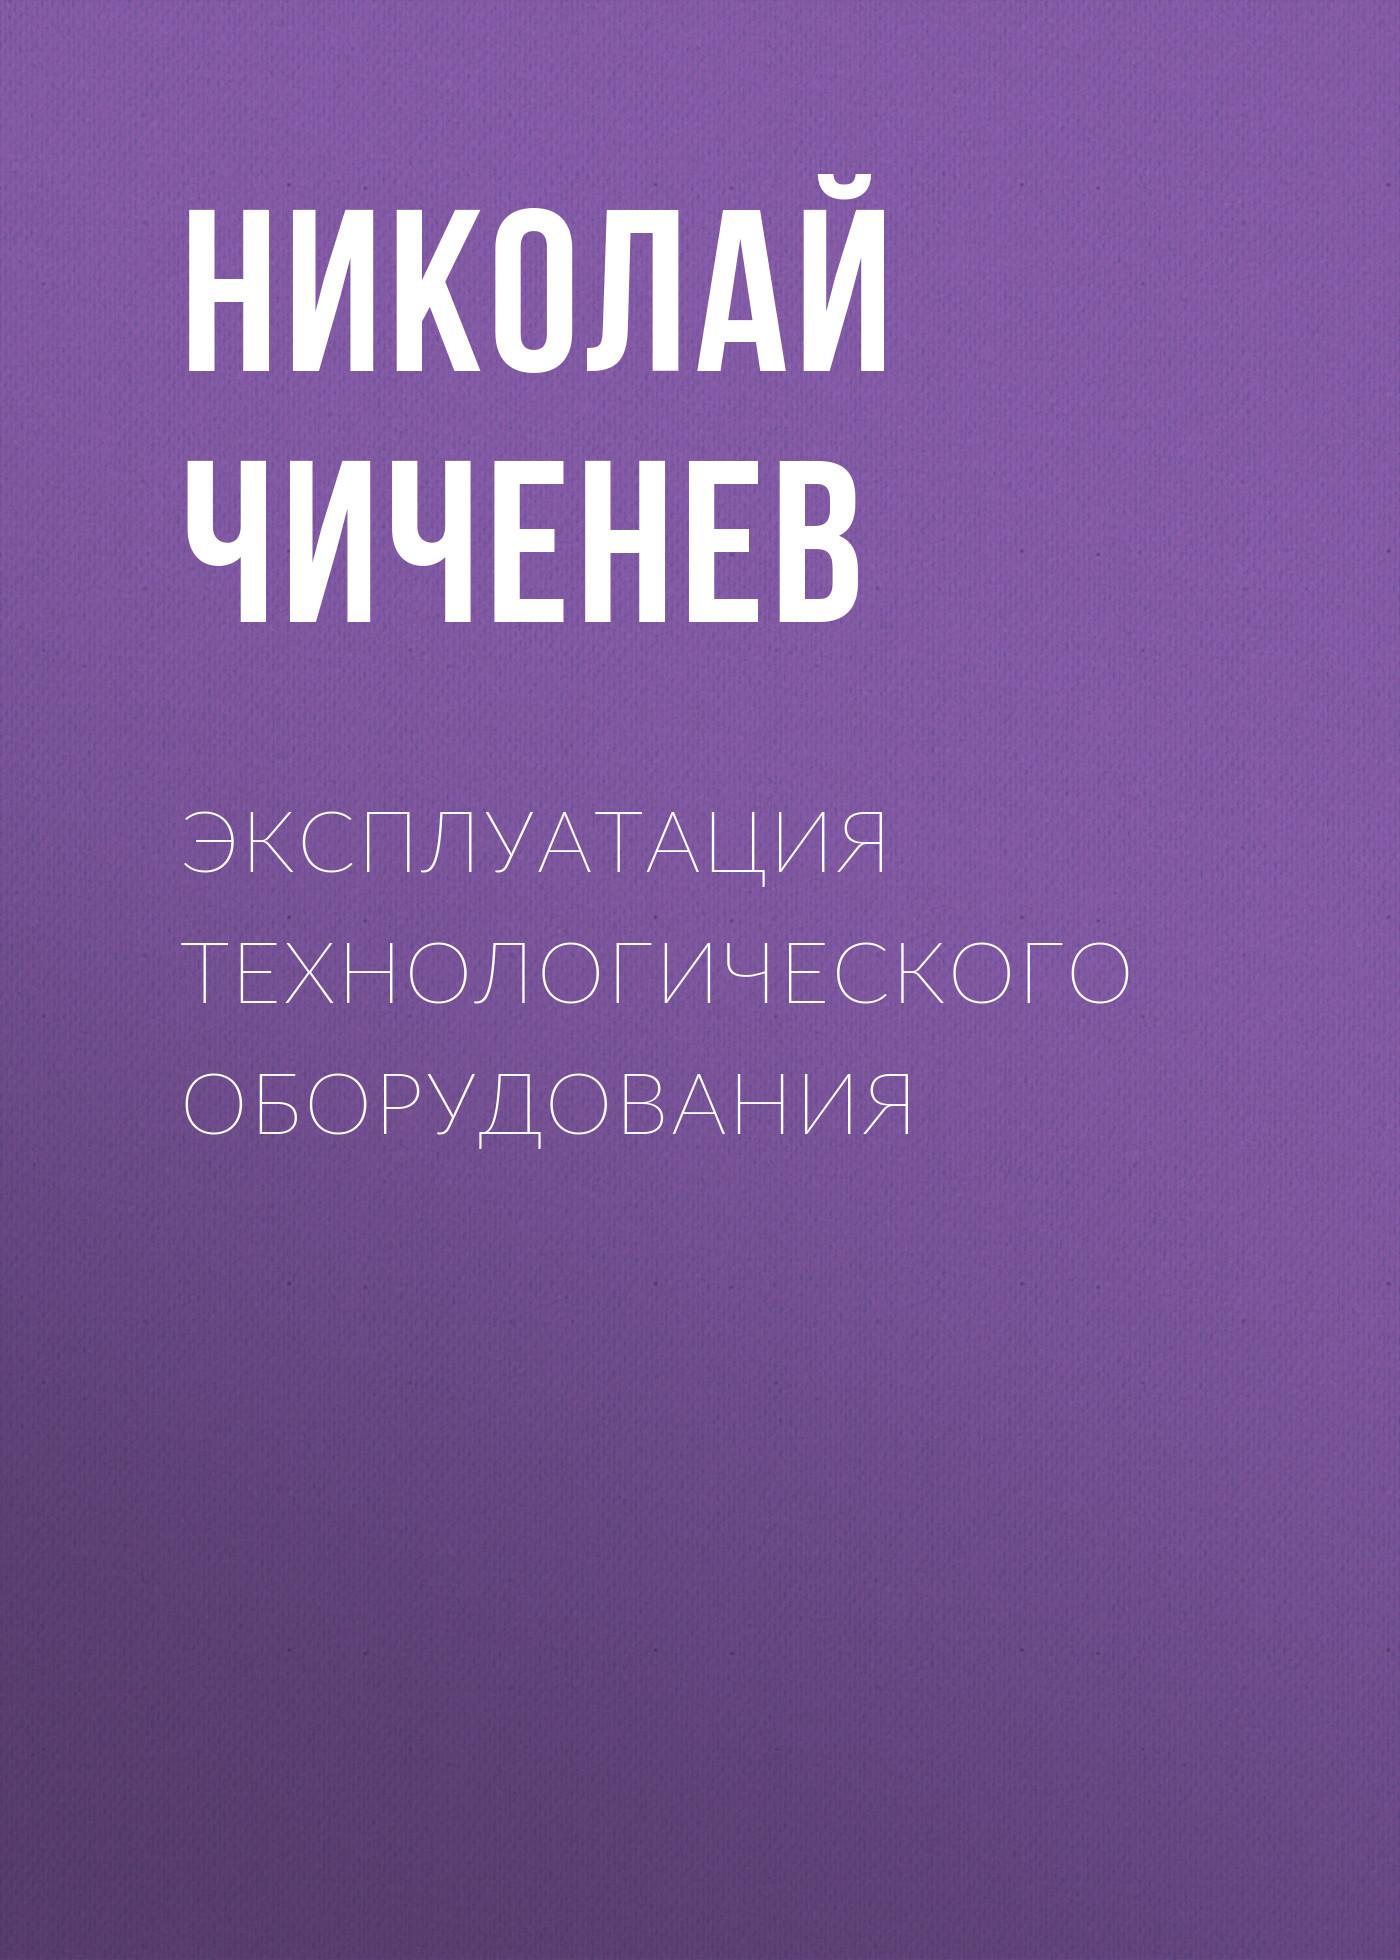 Николай Чиченев Эксплуатация технологического оборудования машины и оборудование машиностроительных предприятий